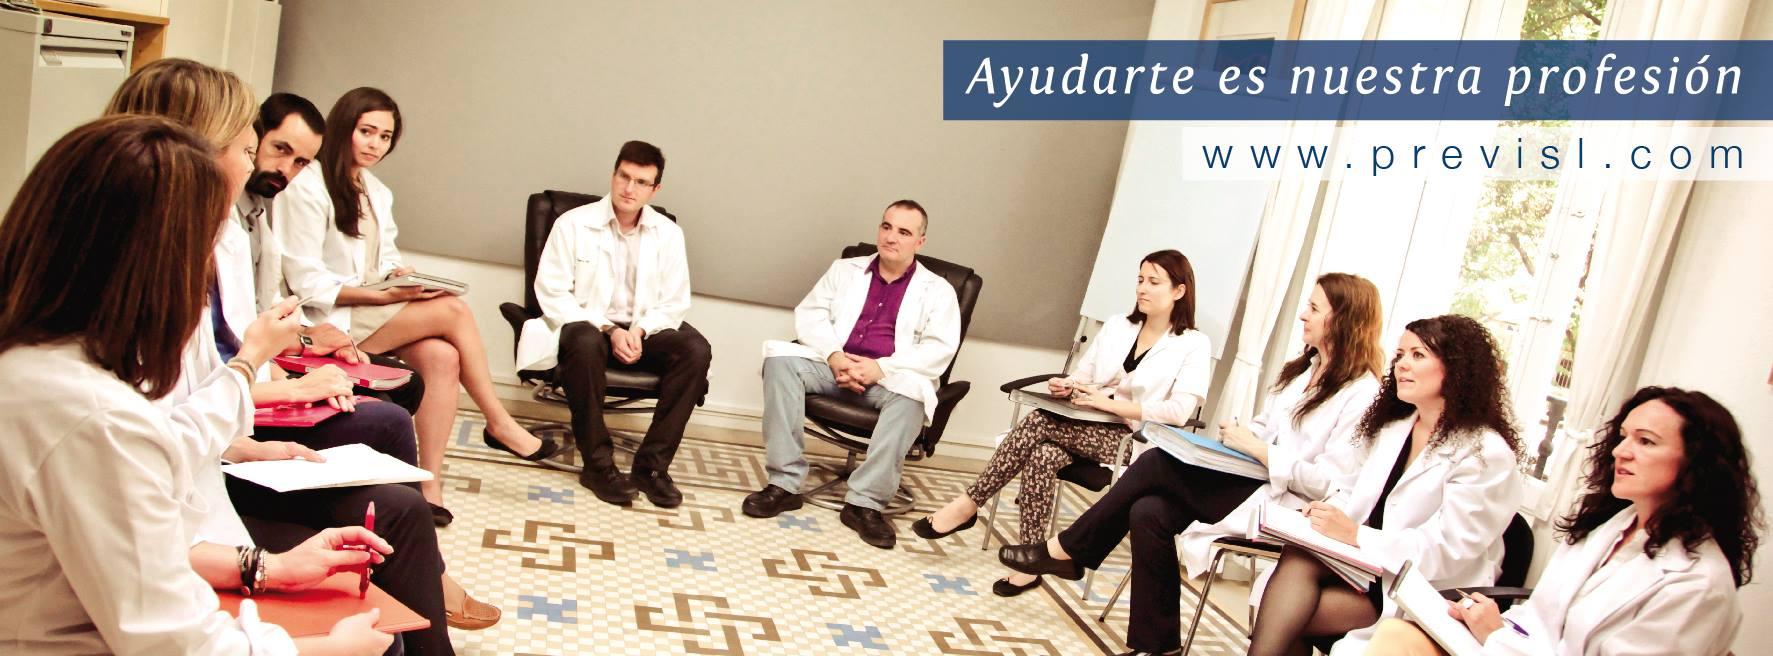 Imagen de Centro Clínico de Psicología PREVI